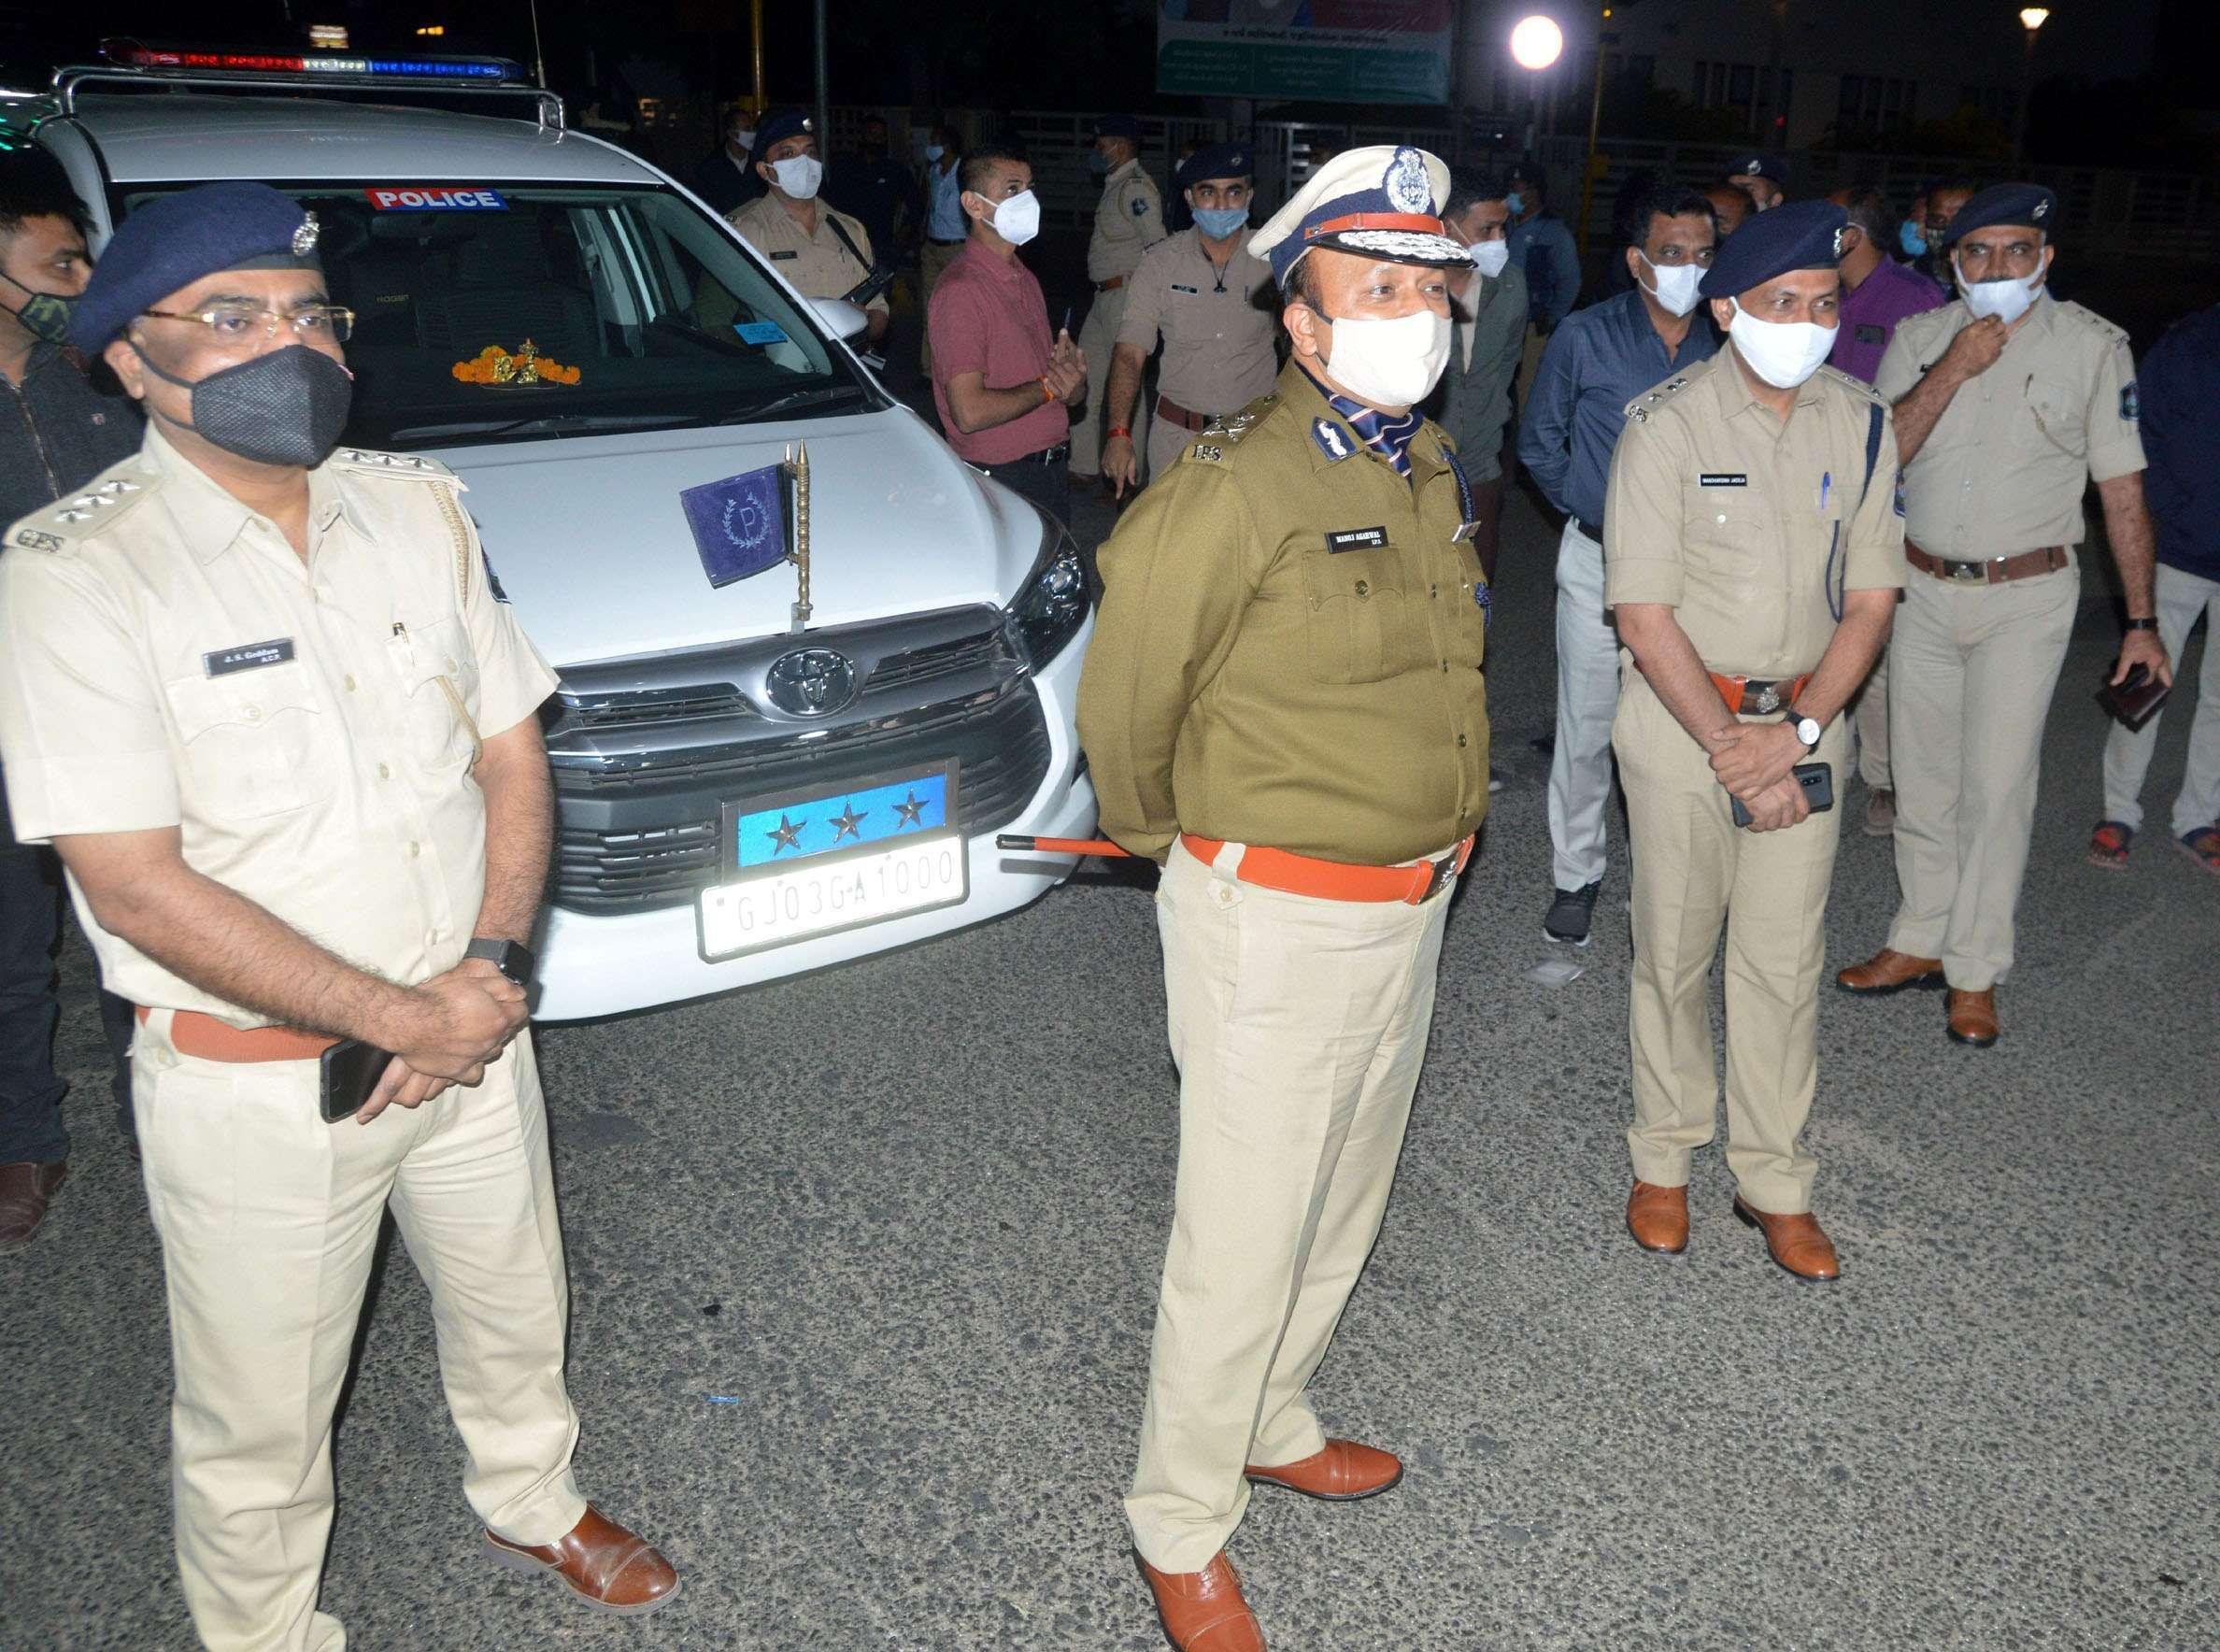 राजकोट में कफ्र्यूग्रस्त क्षेत्रों का निरीक्षण करते शहर पुलिस आयुक्त मनोज अग्रवाल।